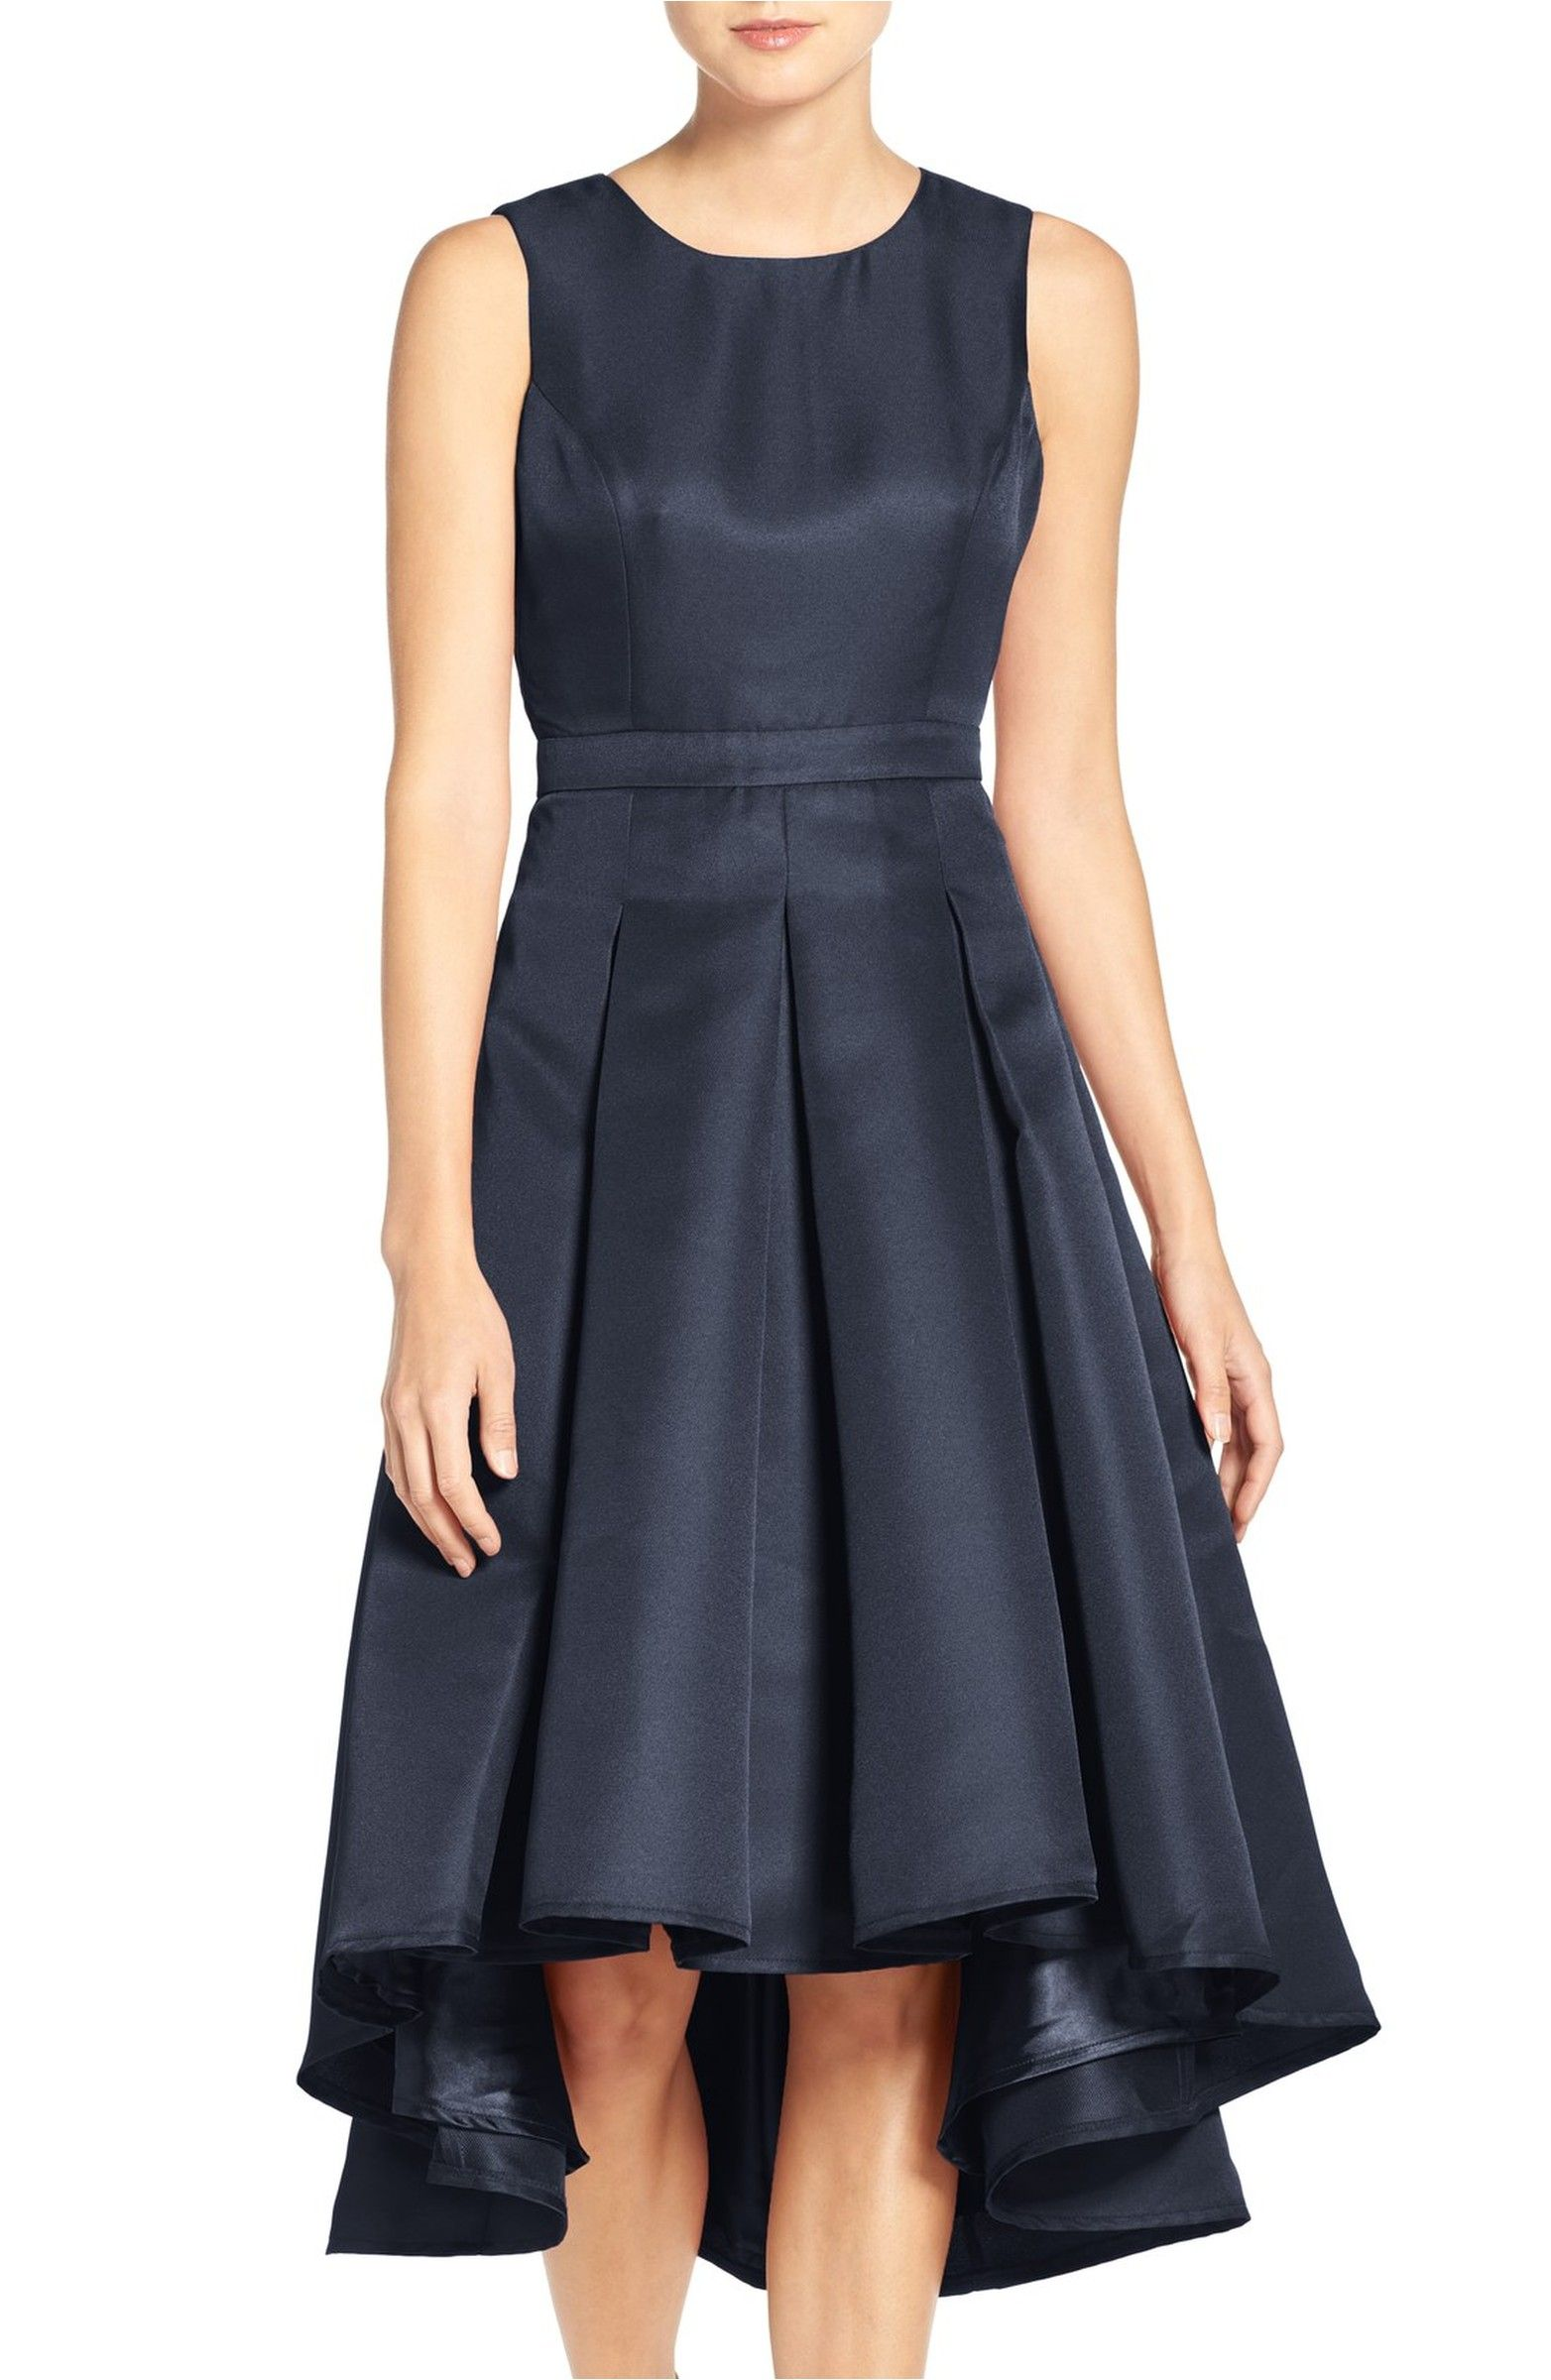 Lulus wedding guest dress  Cutout Back Tea Length HighLow Dress  Tea length High low and Teas